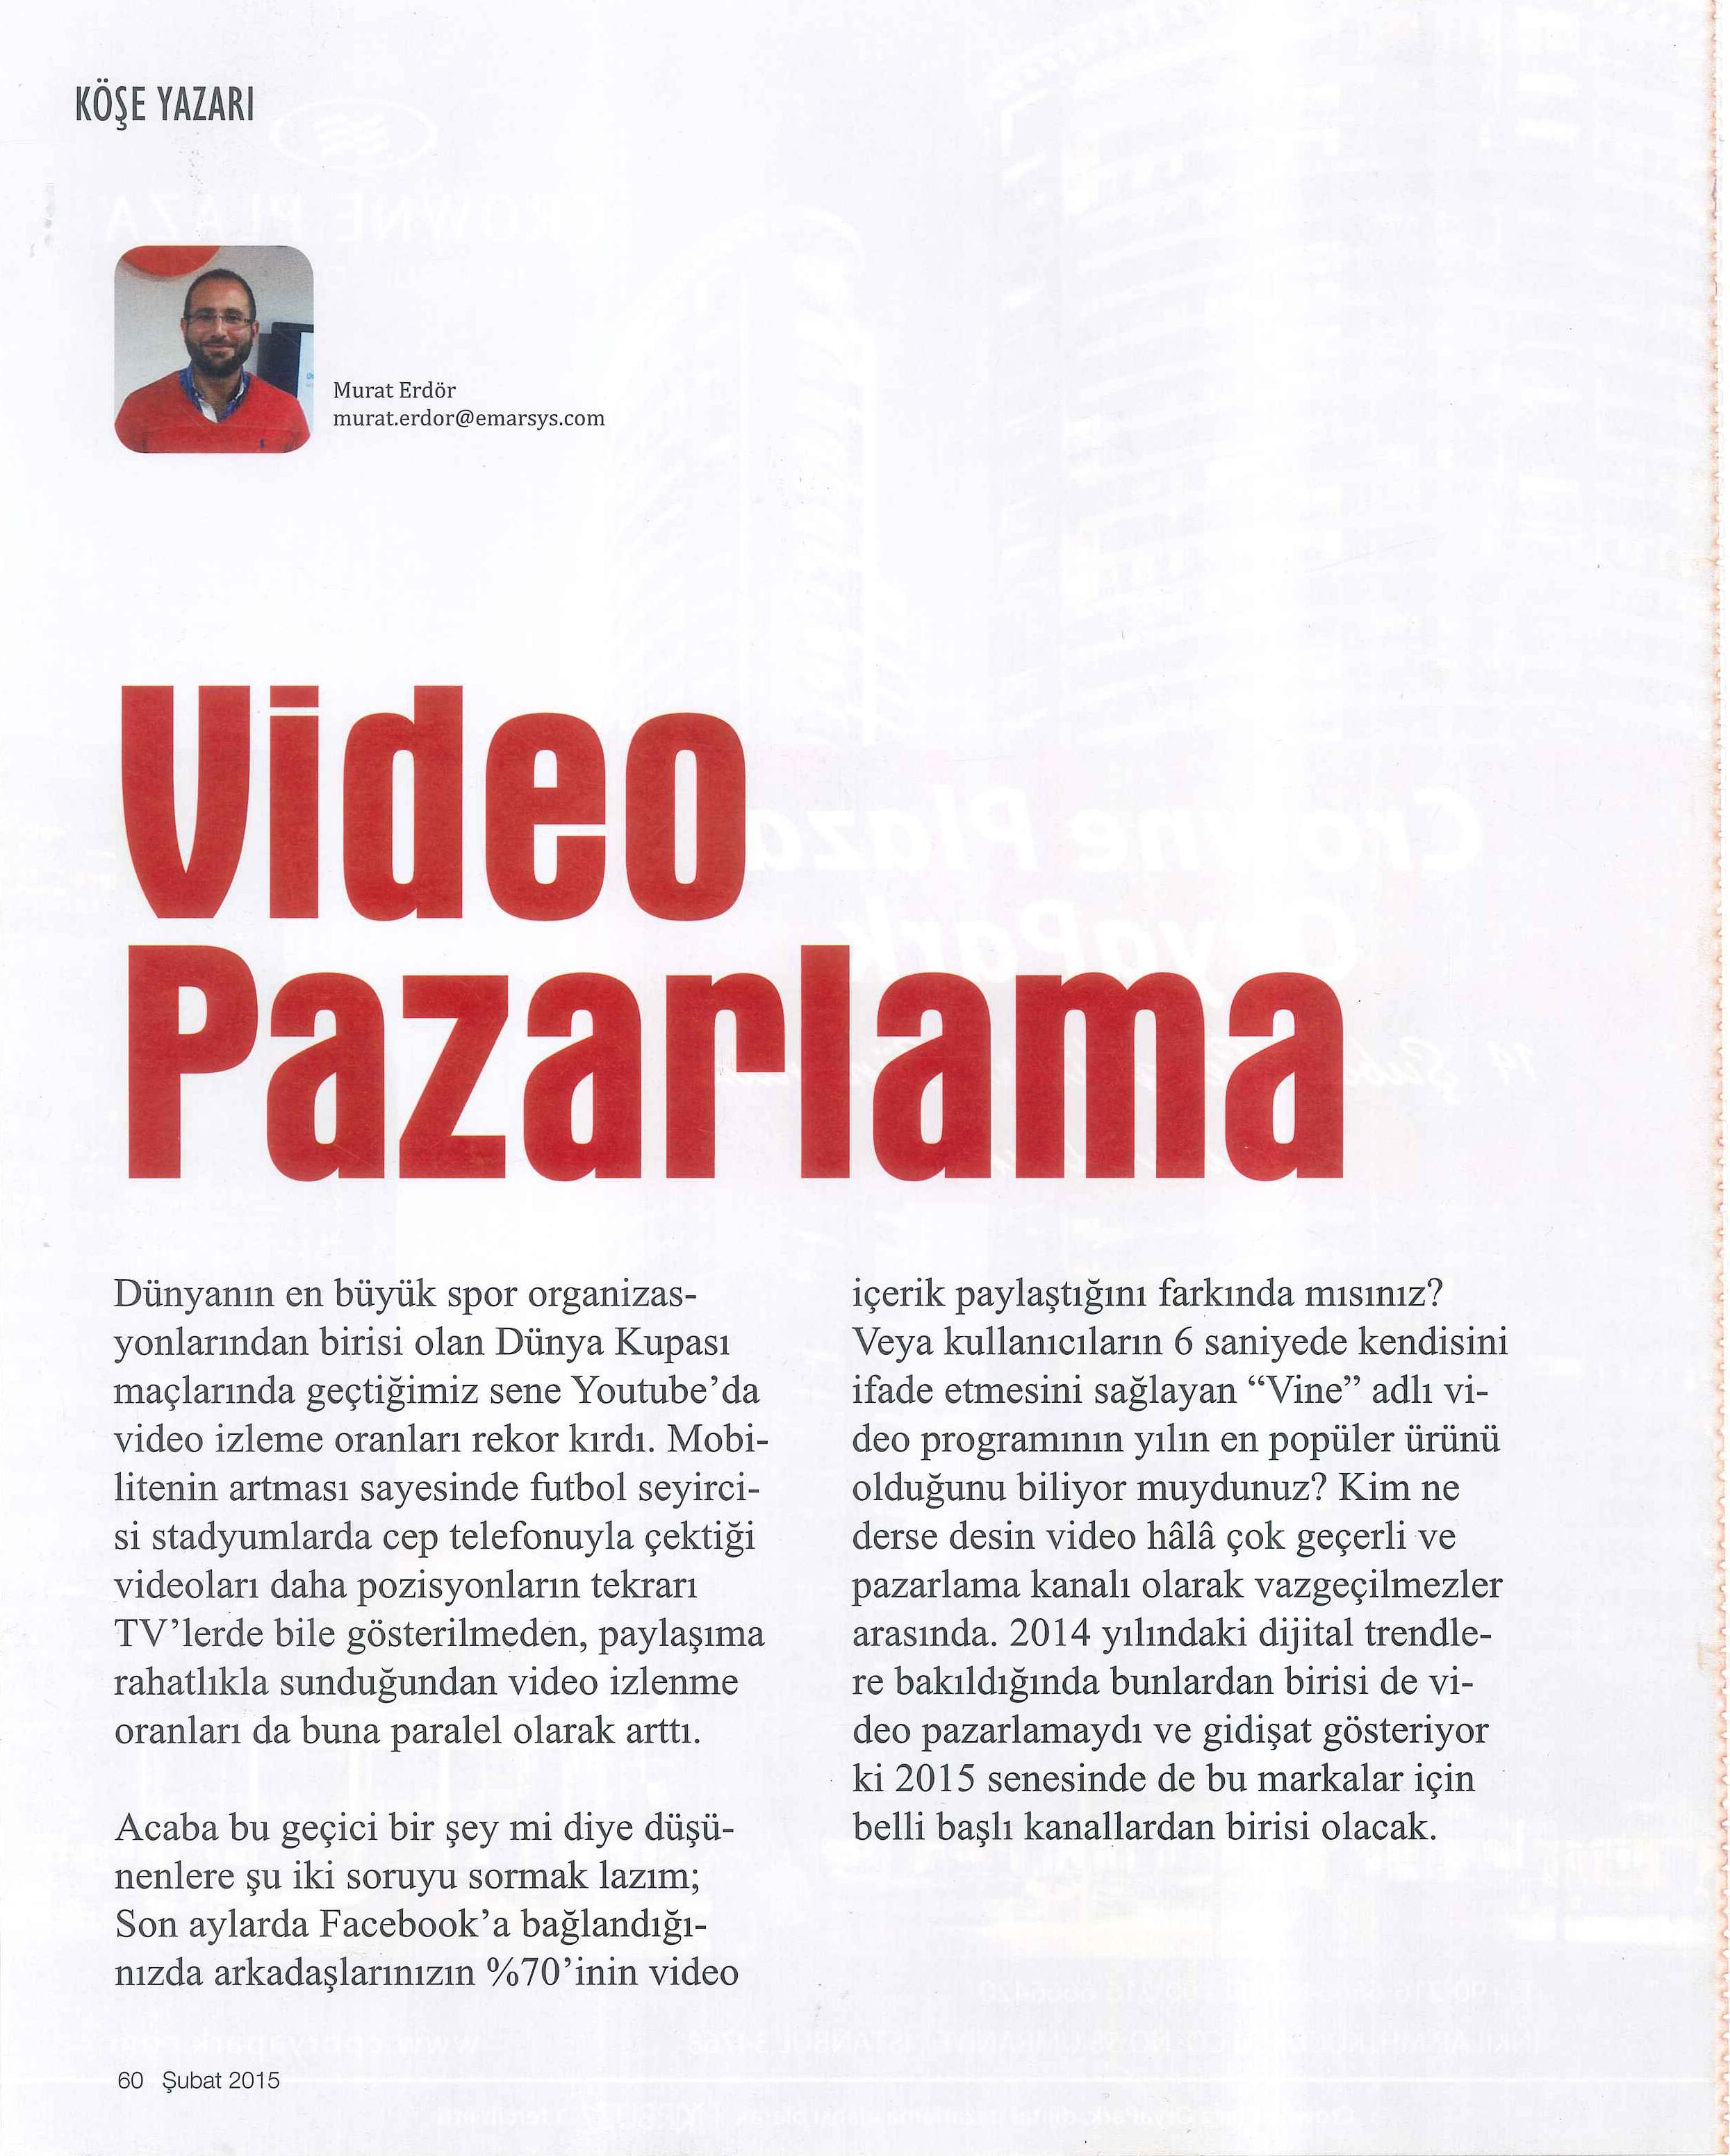 61 - Sosyal Medya Kulübü Dergisi_muraterdor.com_Şubat 2015